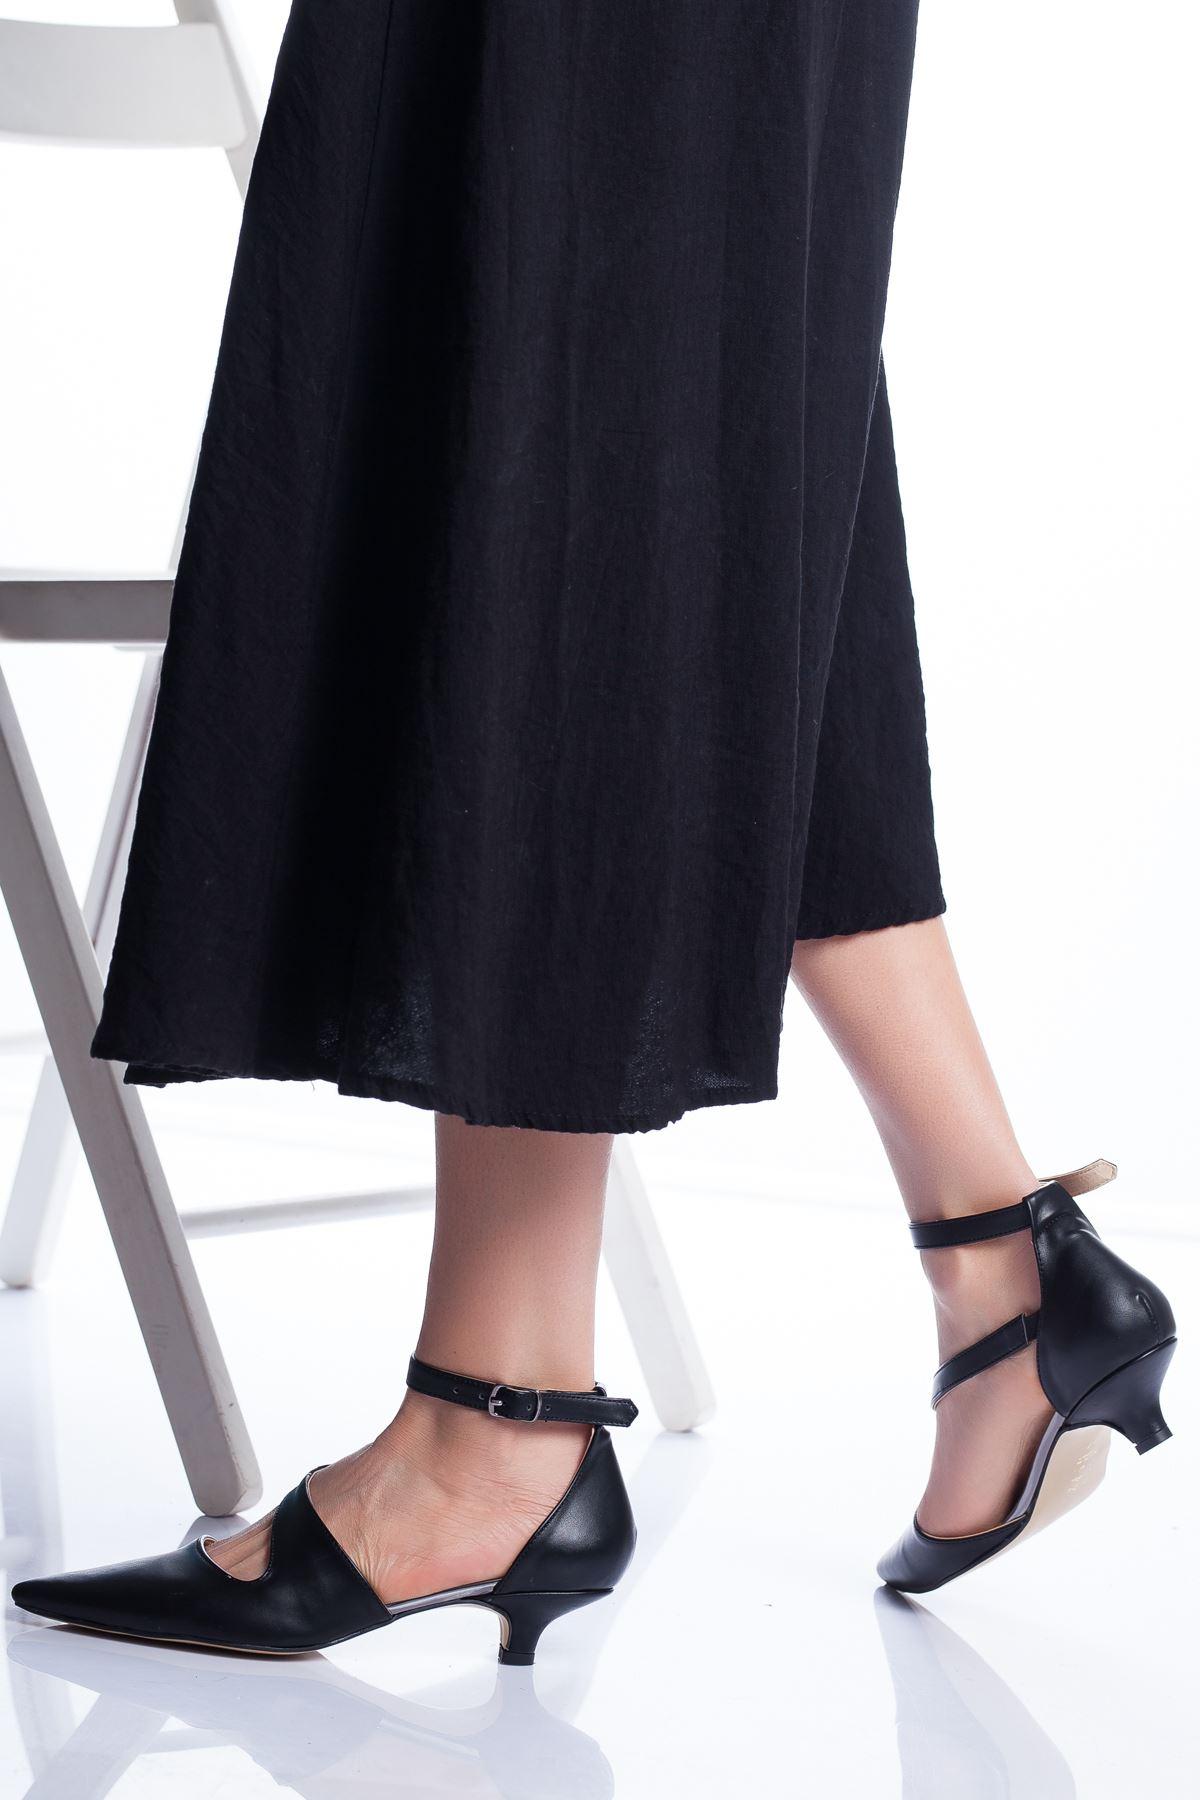 Costa Topuklu Ayakkabı SİYAH CİLT